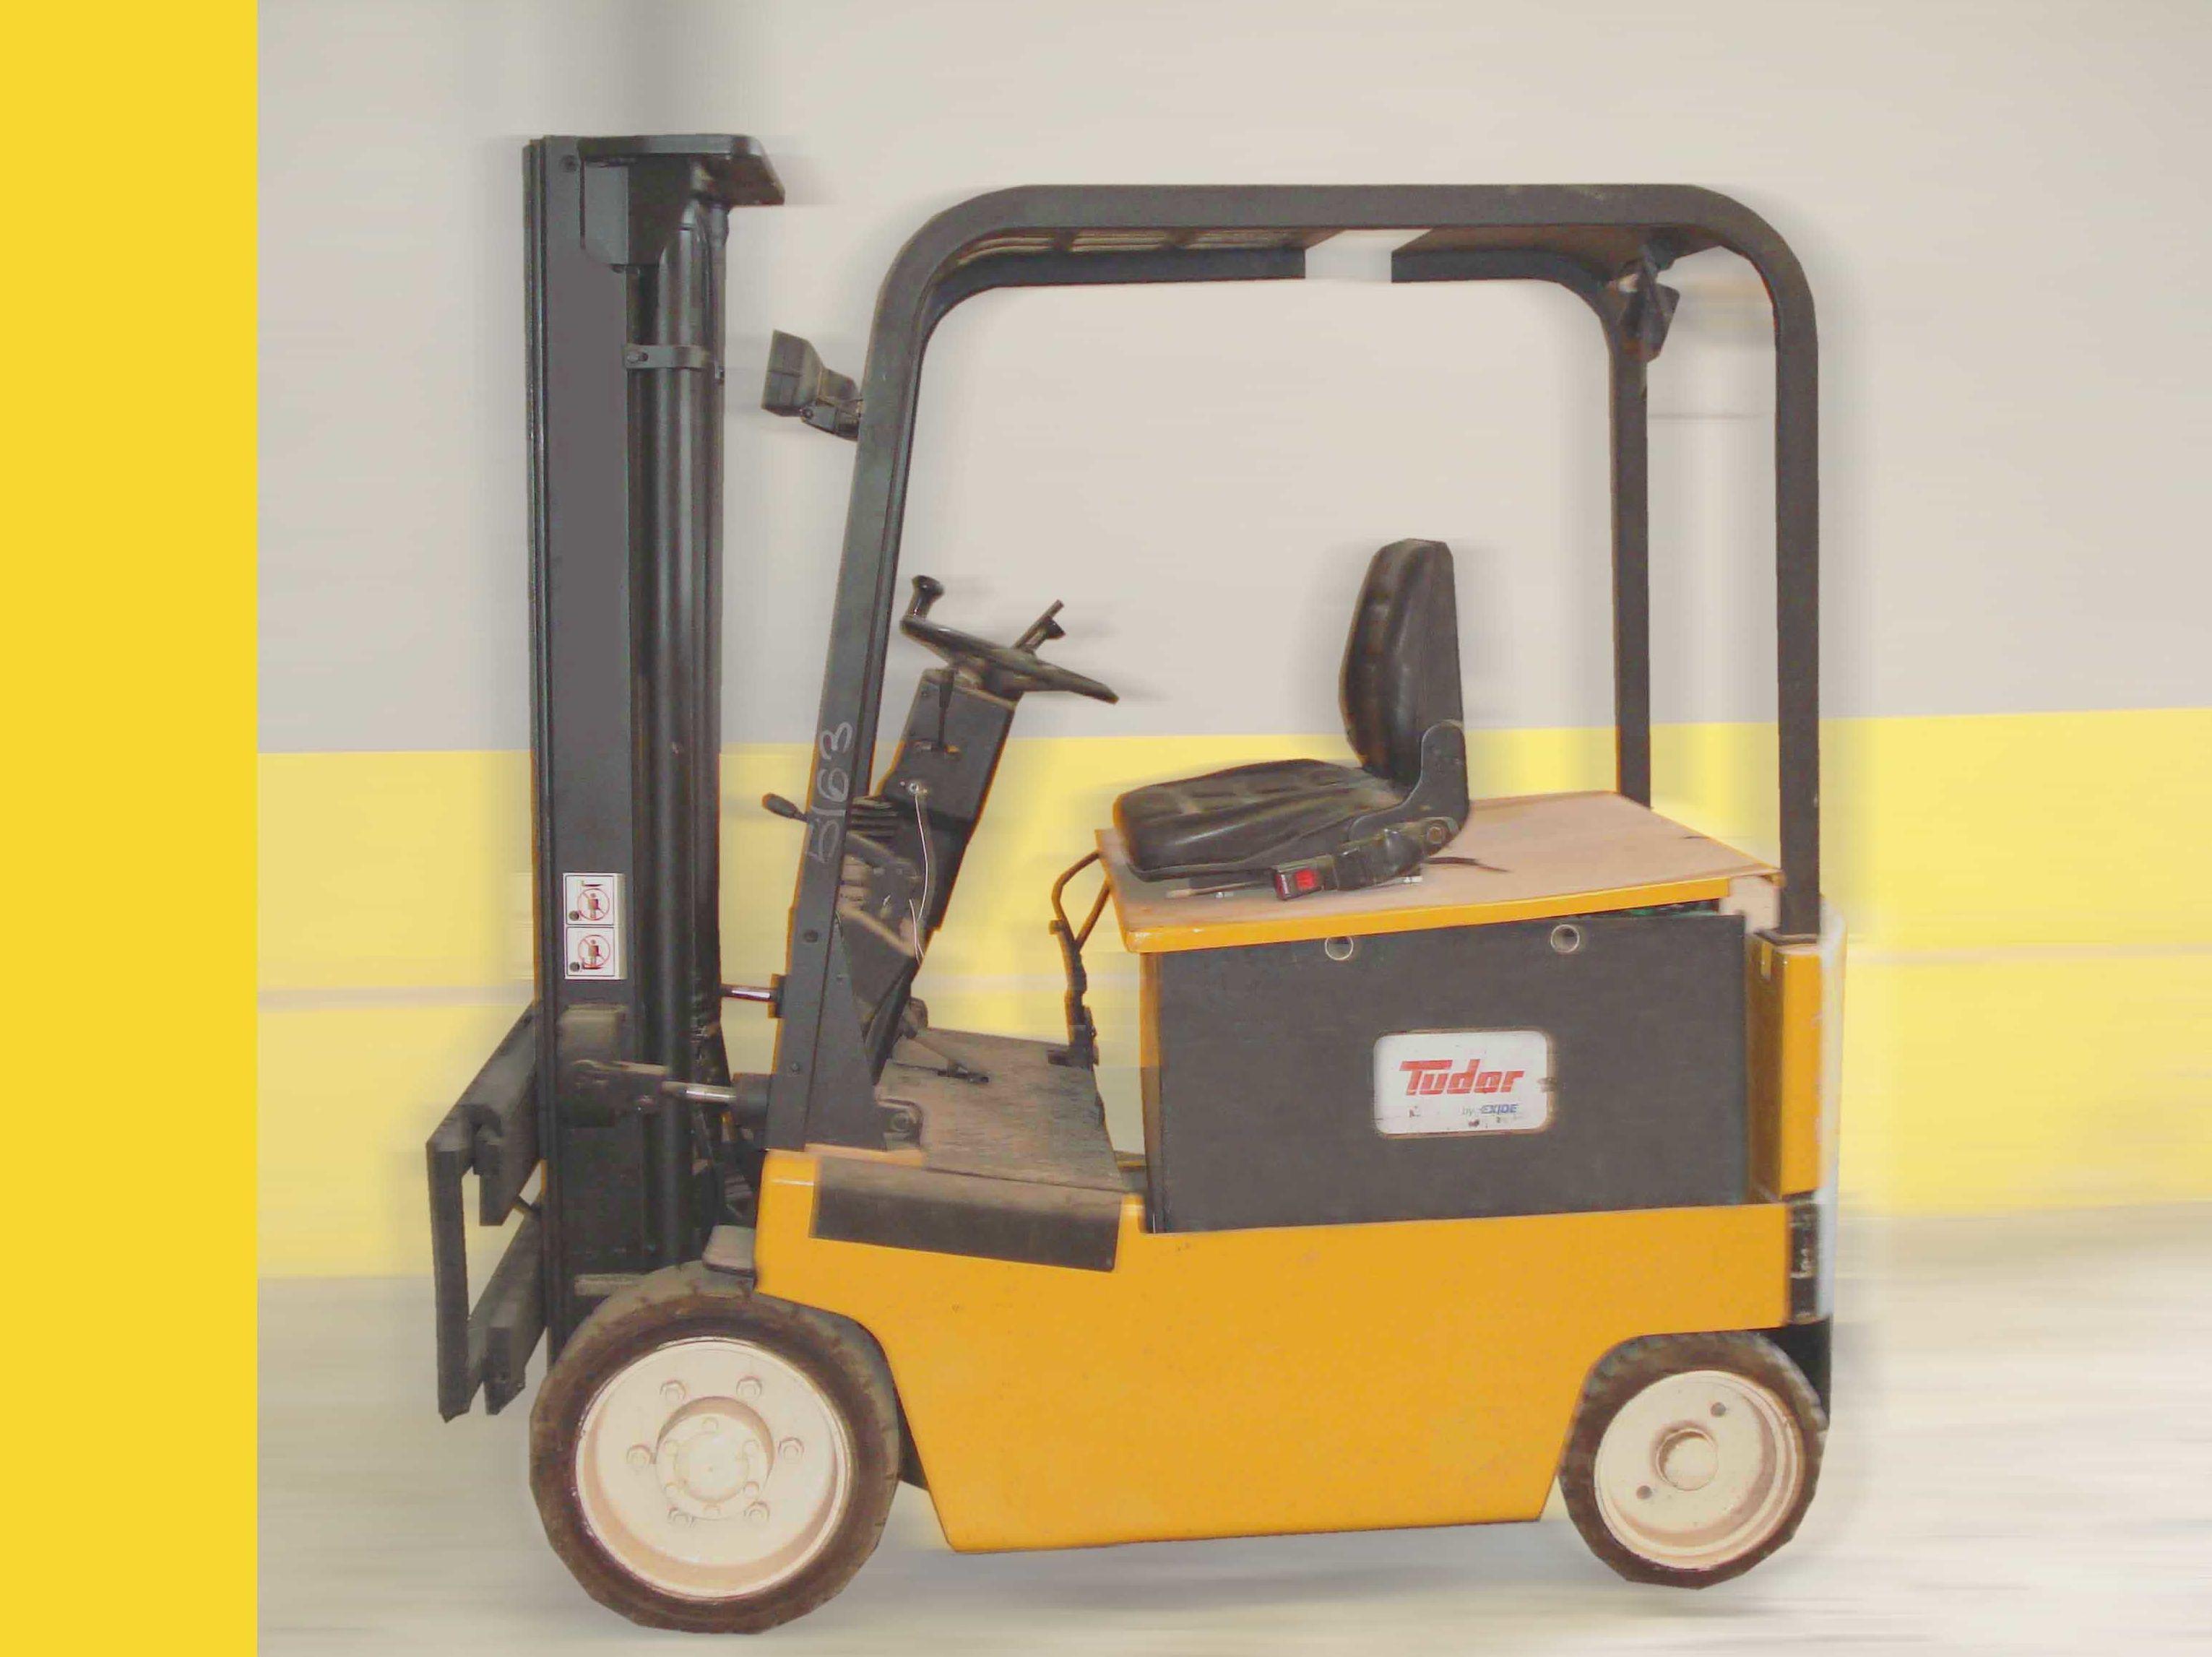 Carretilla eléctrica YALE Nº 5163: Productos y servicios de Comercial Euroyen, S. L.